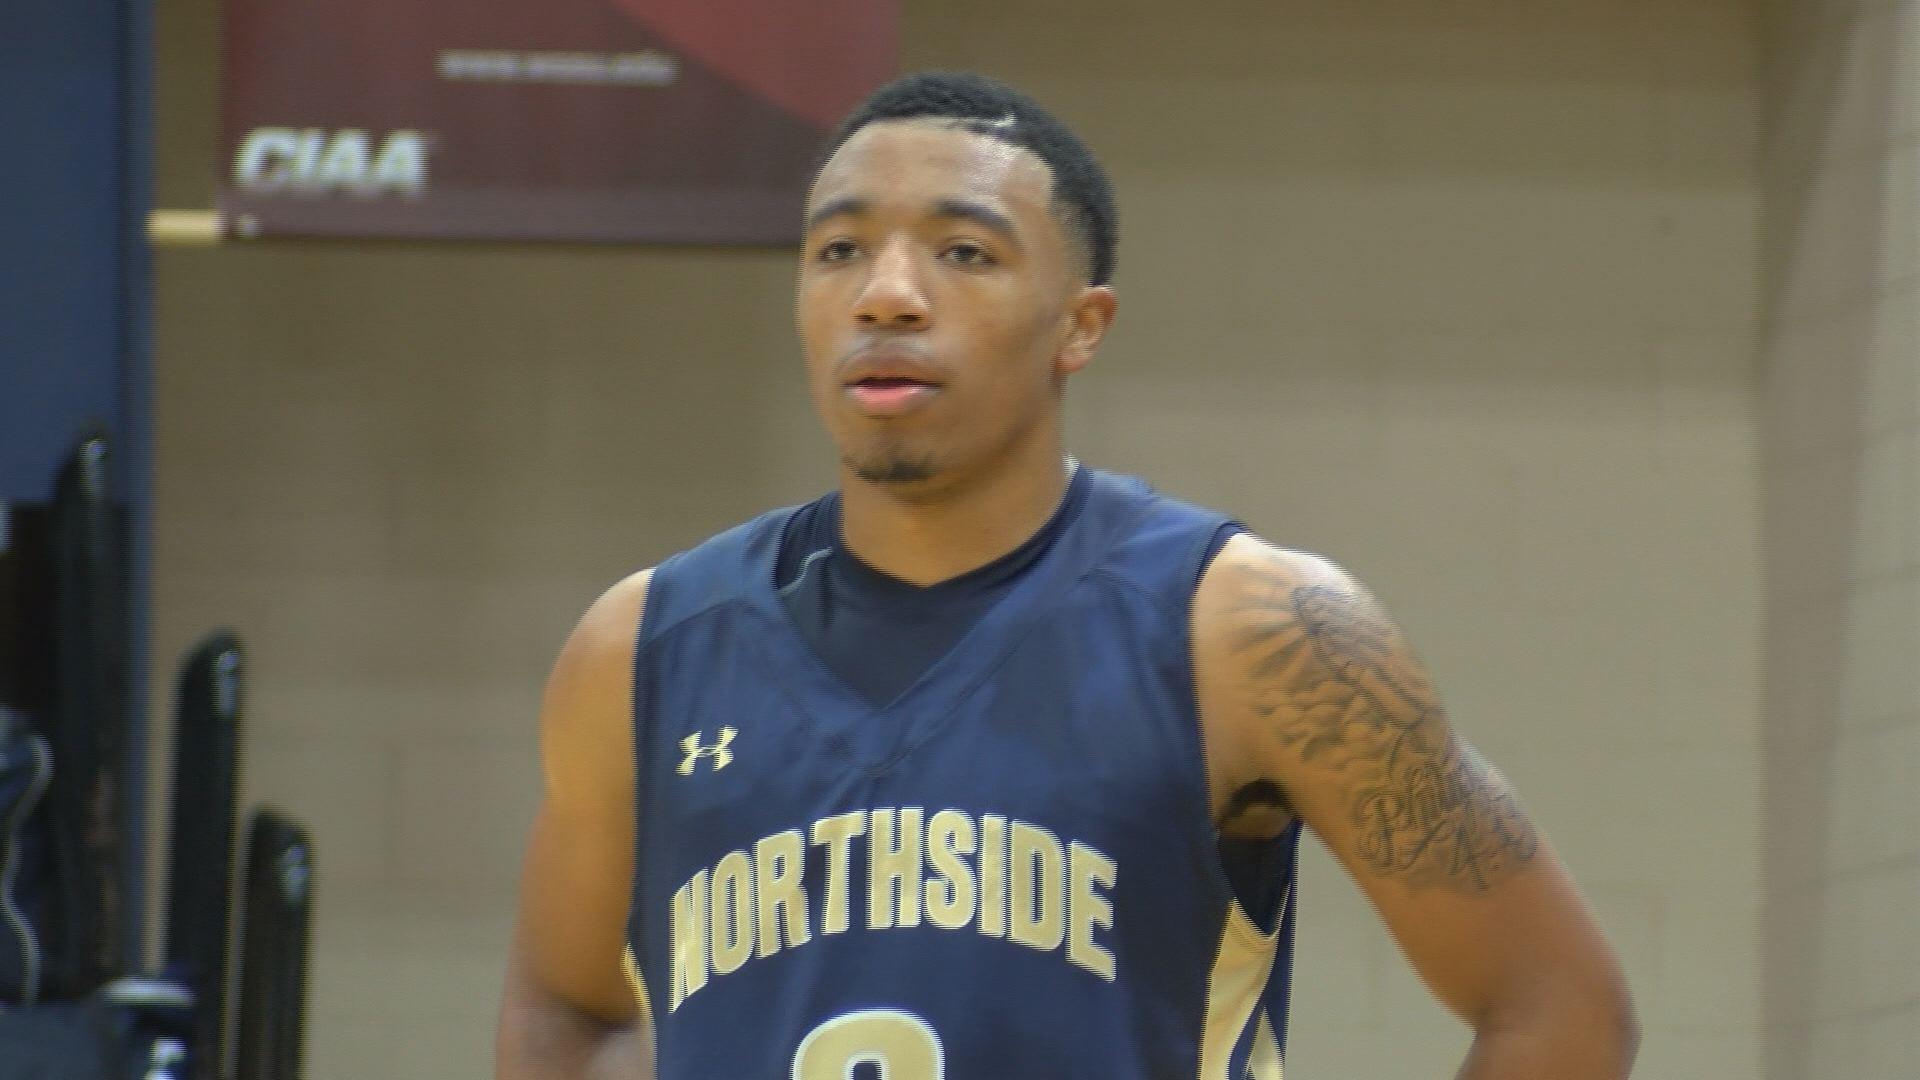 Zach Hobbs Northside Jacksonville Boys Basketball_363178